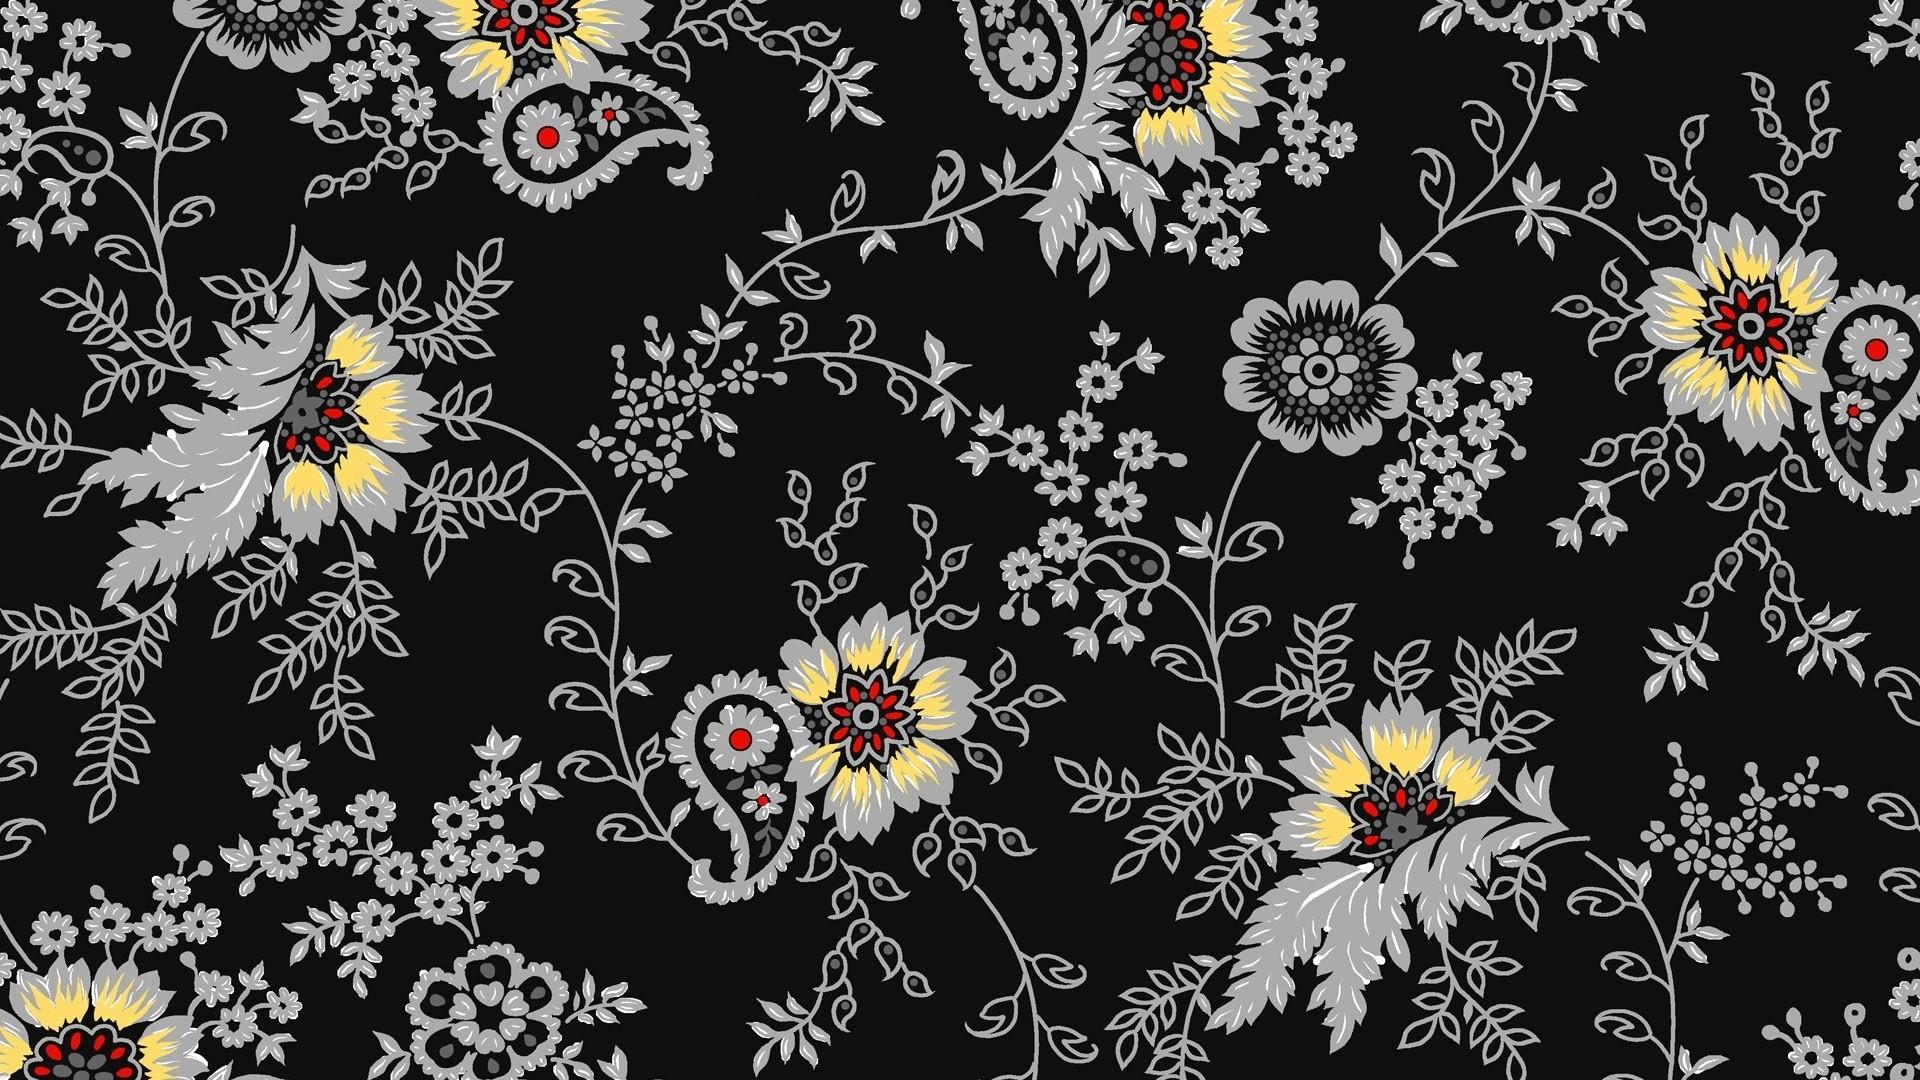 Pattern Desktop Backgrounds 60 Images